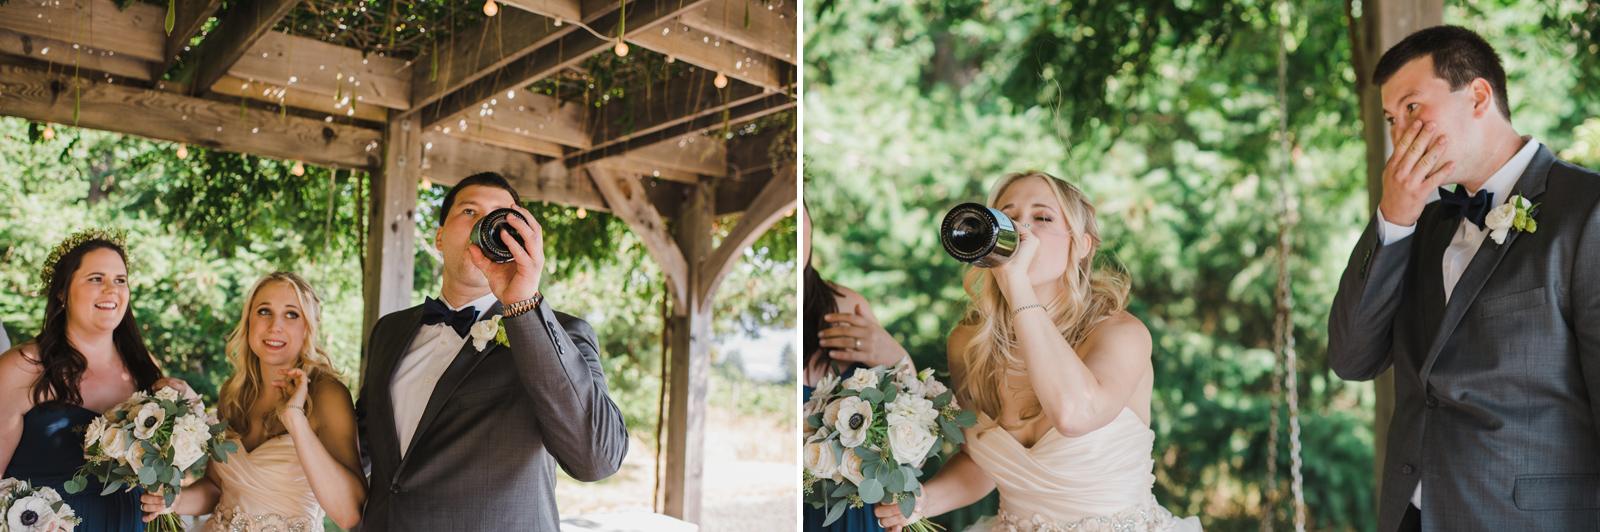 034 gorge crest vineyard wedding